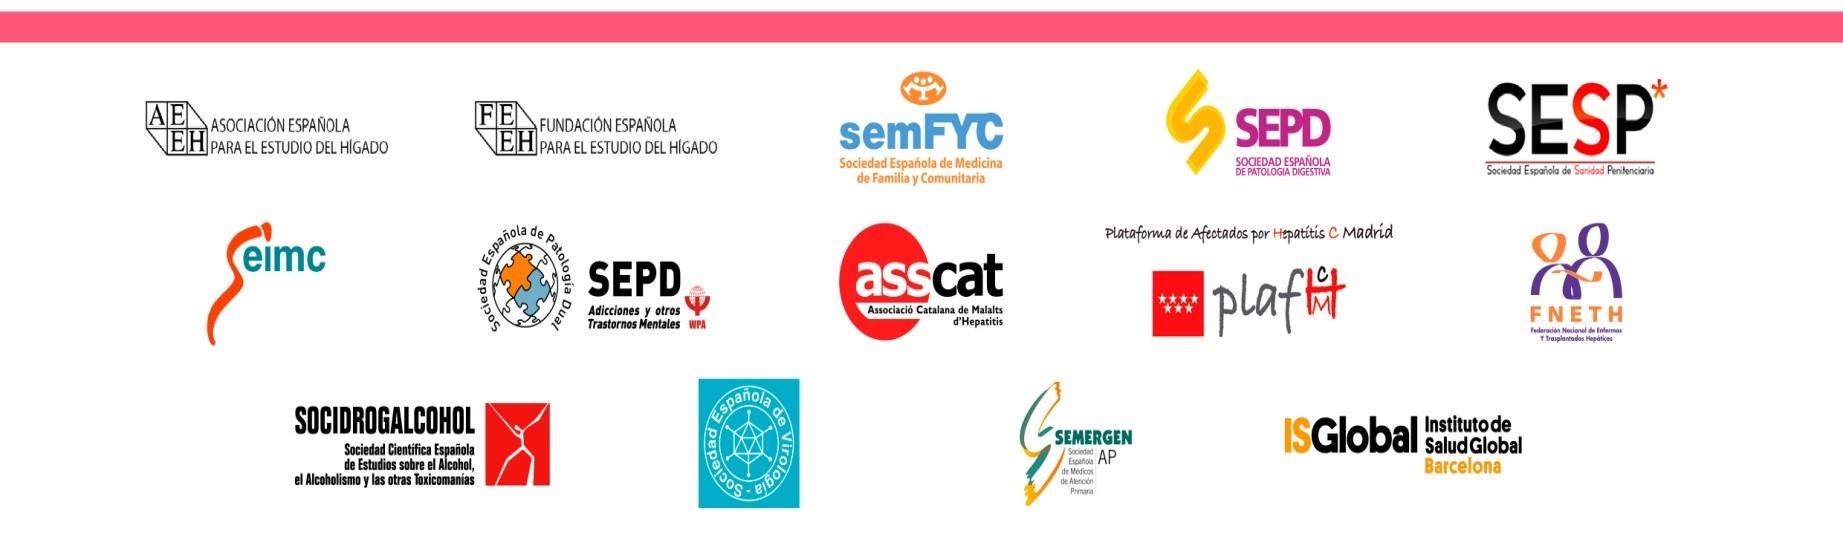 La AEHVE pide adaptar el plan estratégico frente a la hepatitis C a la nueva situación de la enfermedad en España